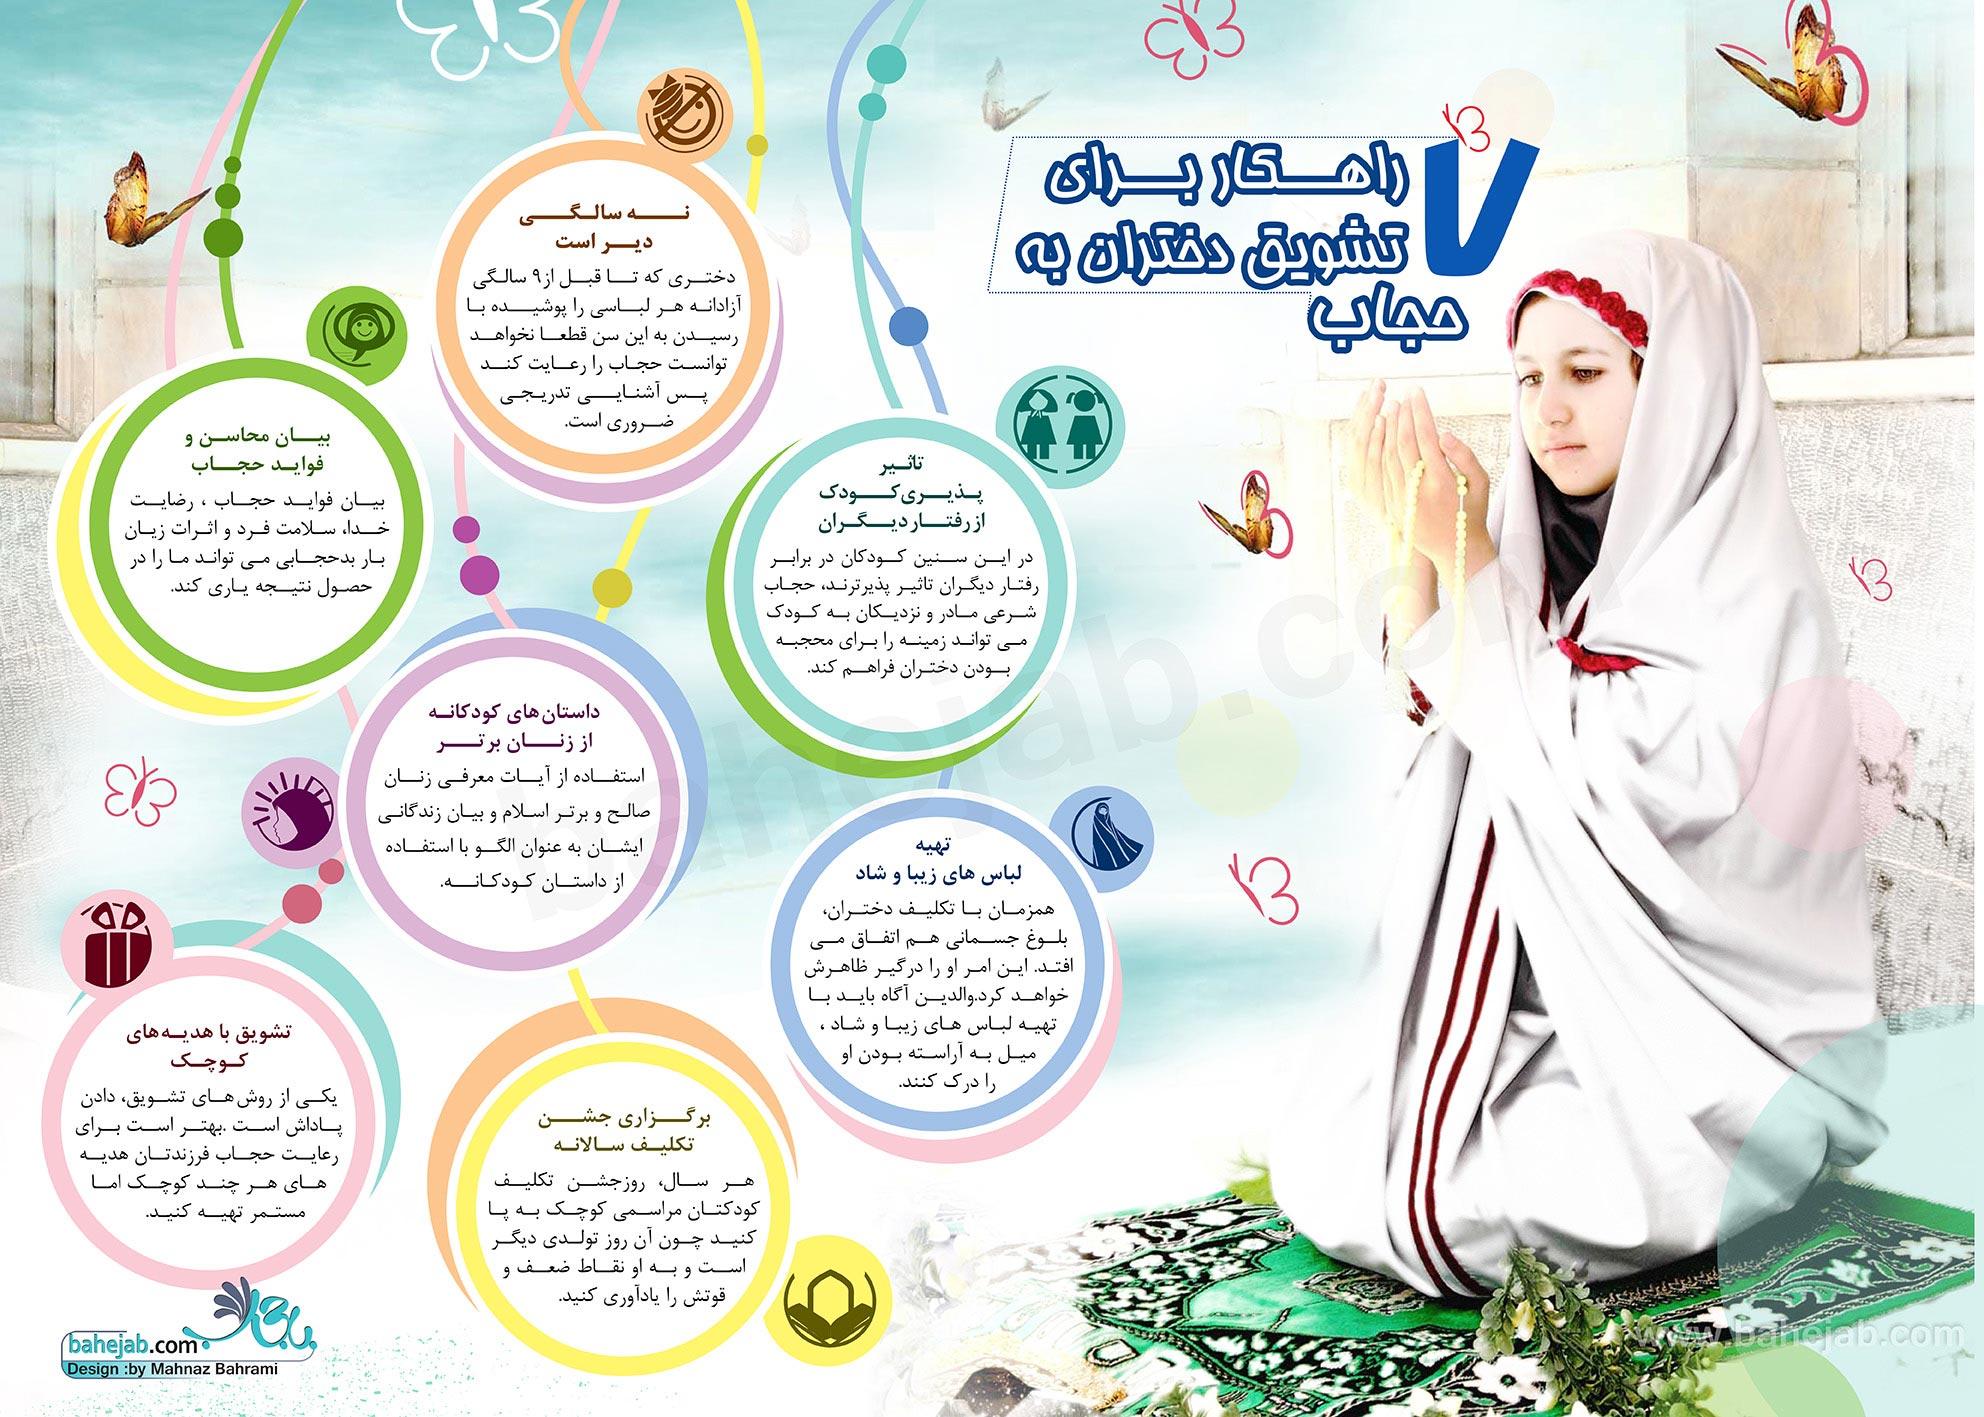 http://dl.aviny.com/karikator/InfoGaraphic/farhangi/kamel/InfoGraphic-f-(131).jpg